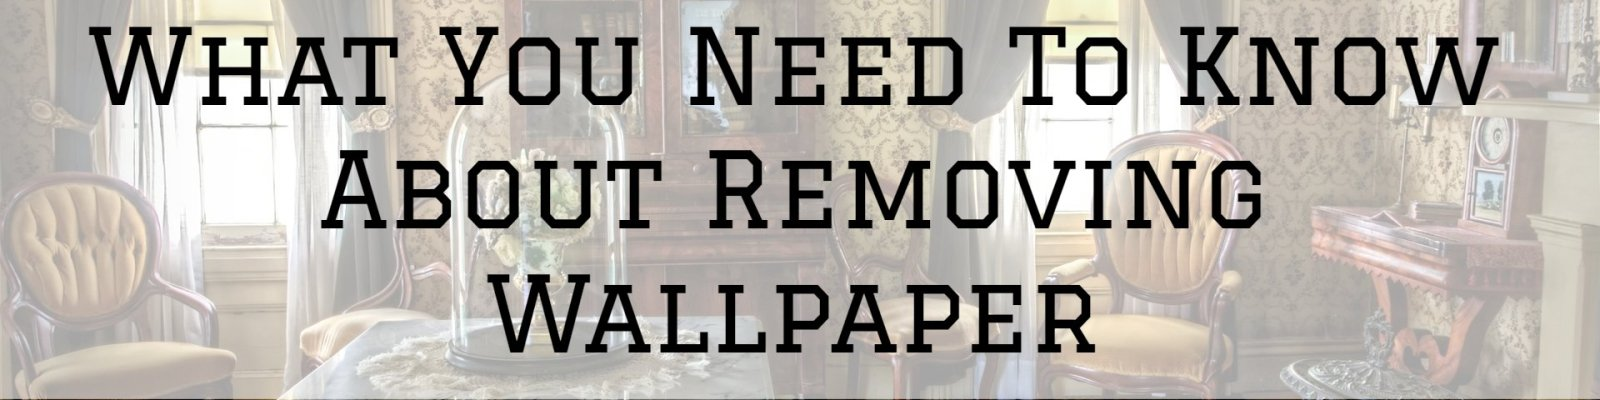 2020-04-23 Selah Painting St. Louis MO Removing Wallpaper